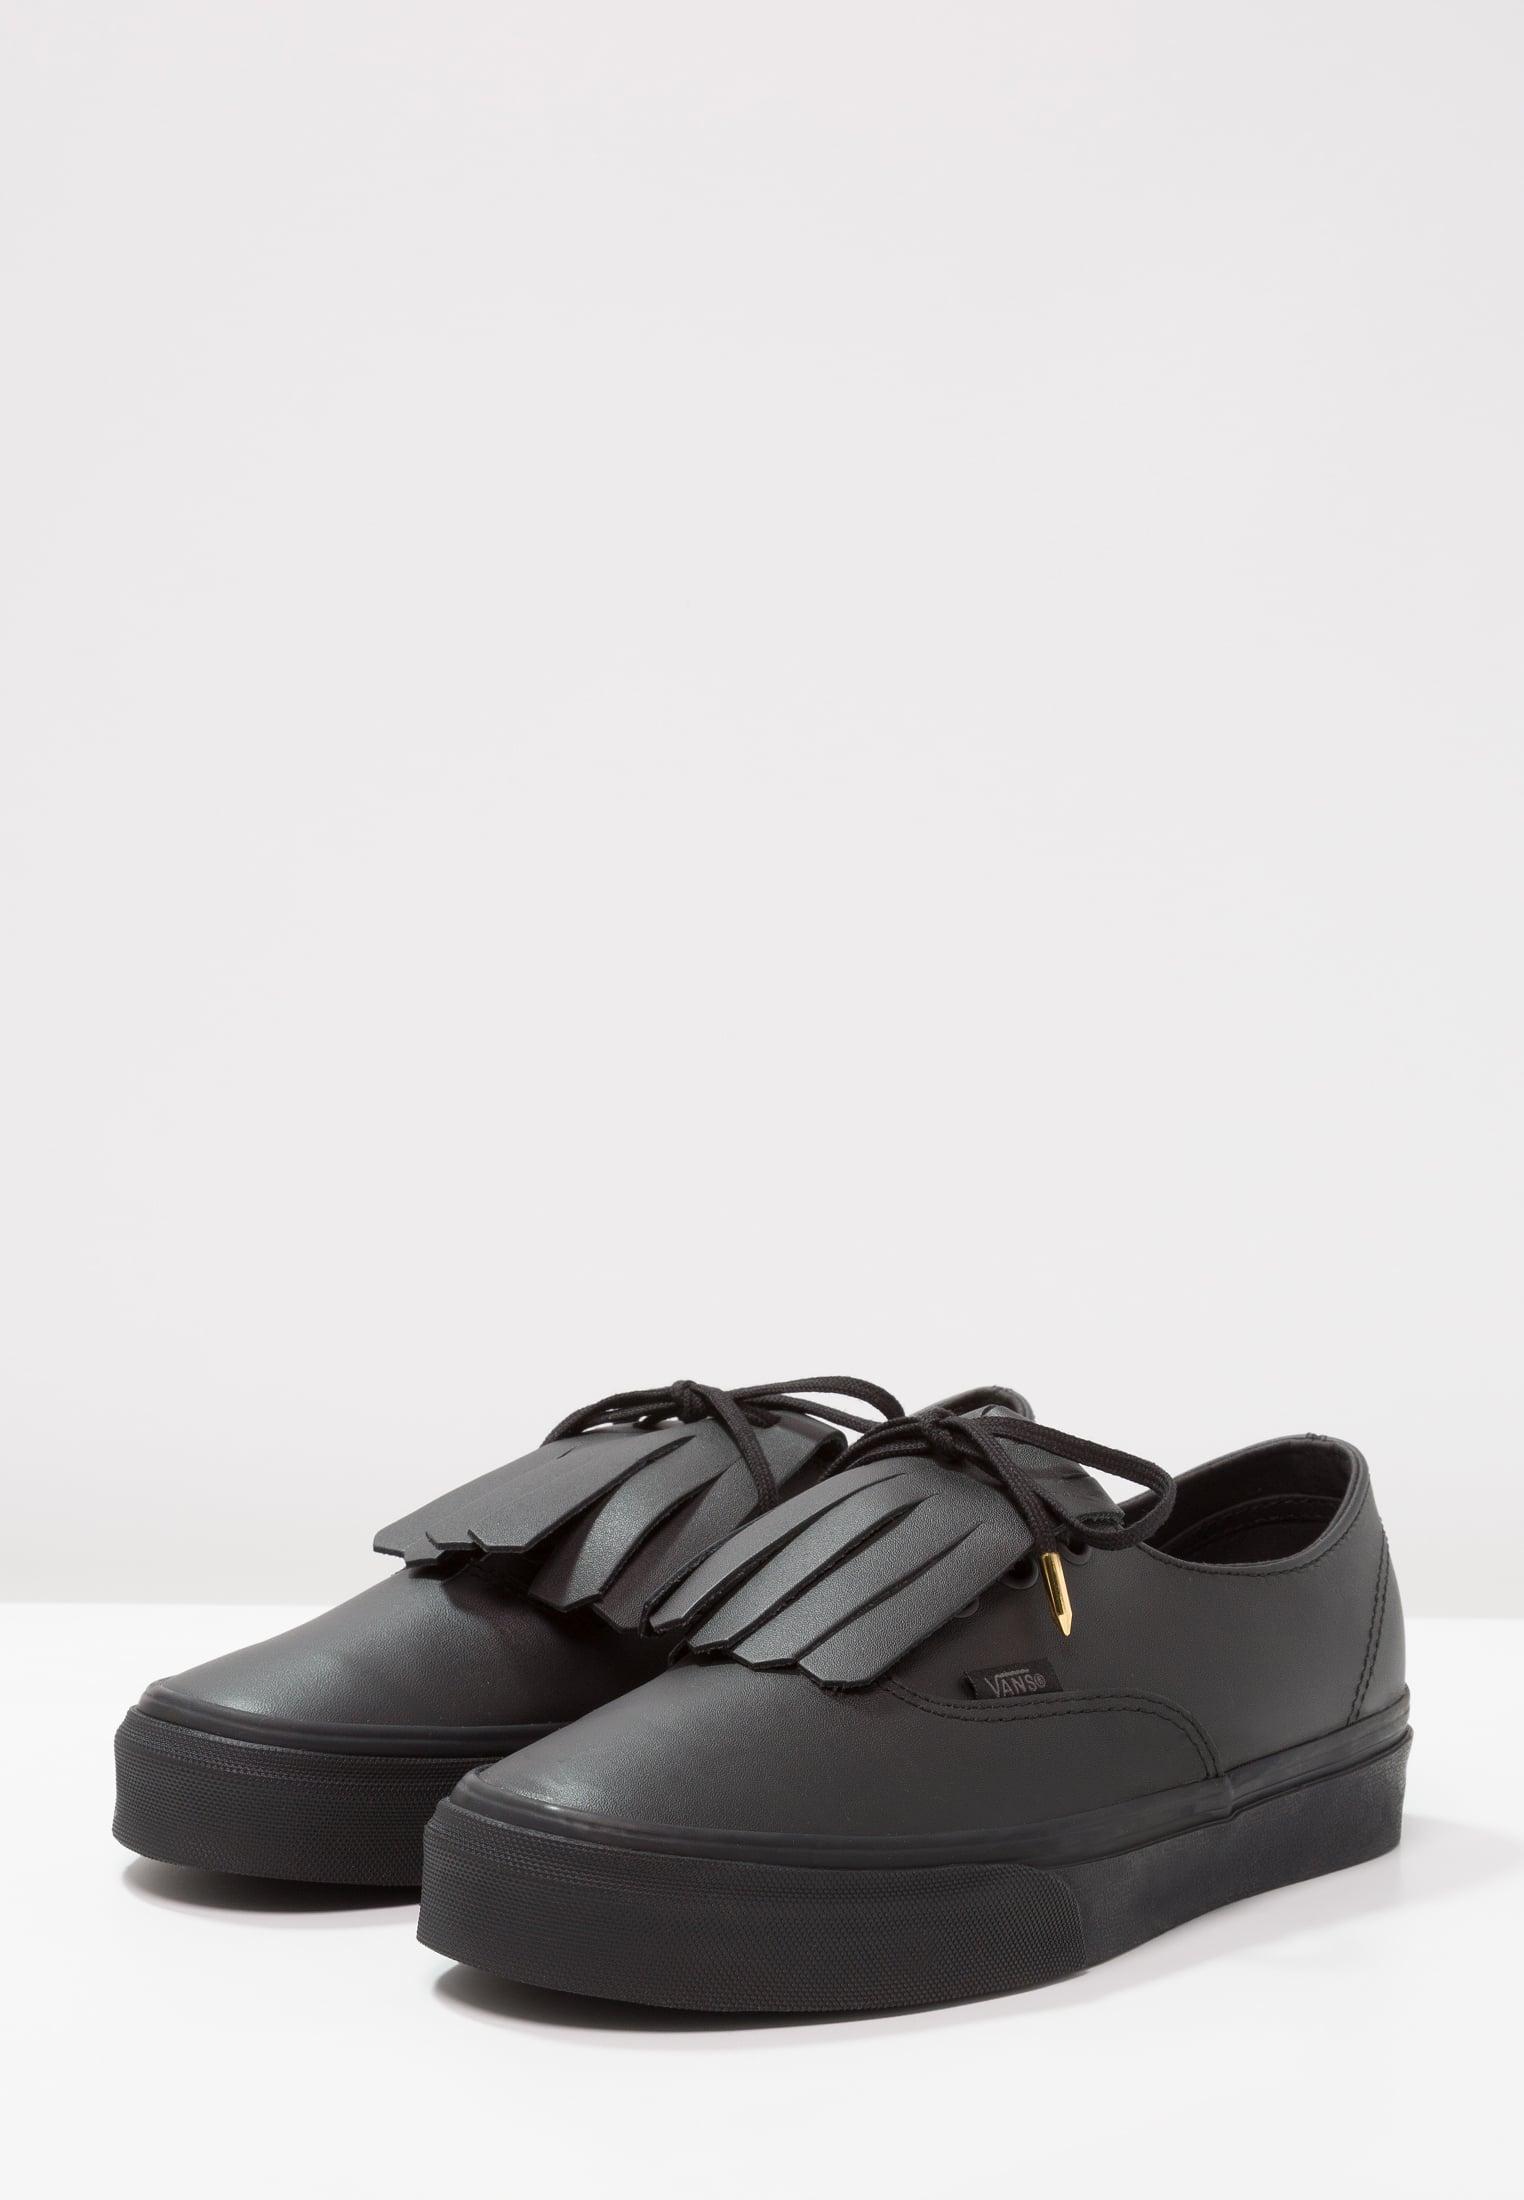 91731443a0 万斯(美国极限运动潮牌) Vans AUTHENTIC FRINGE DX - 女鞋时尚运动鞋低 ...